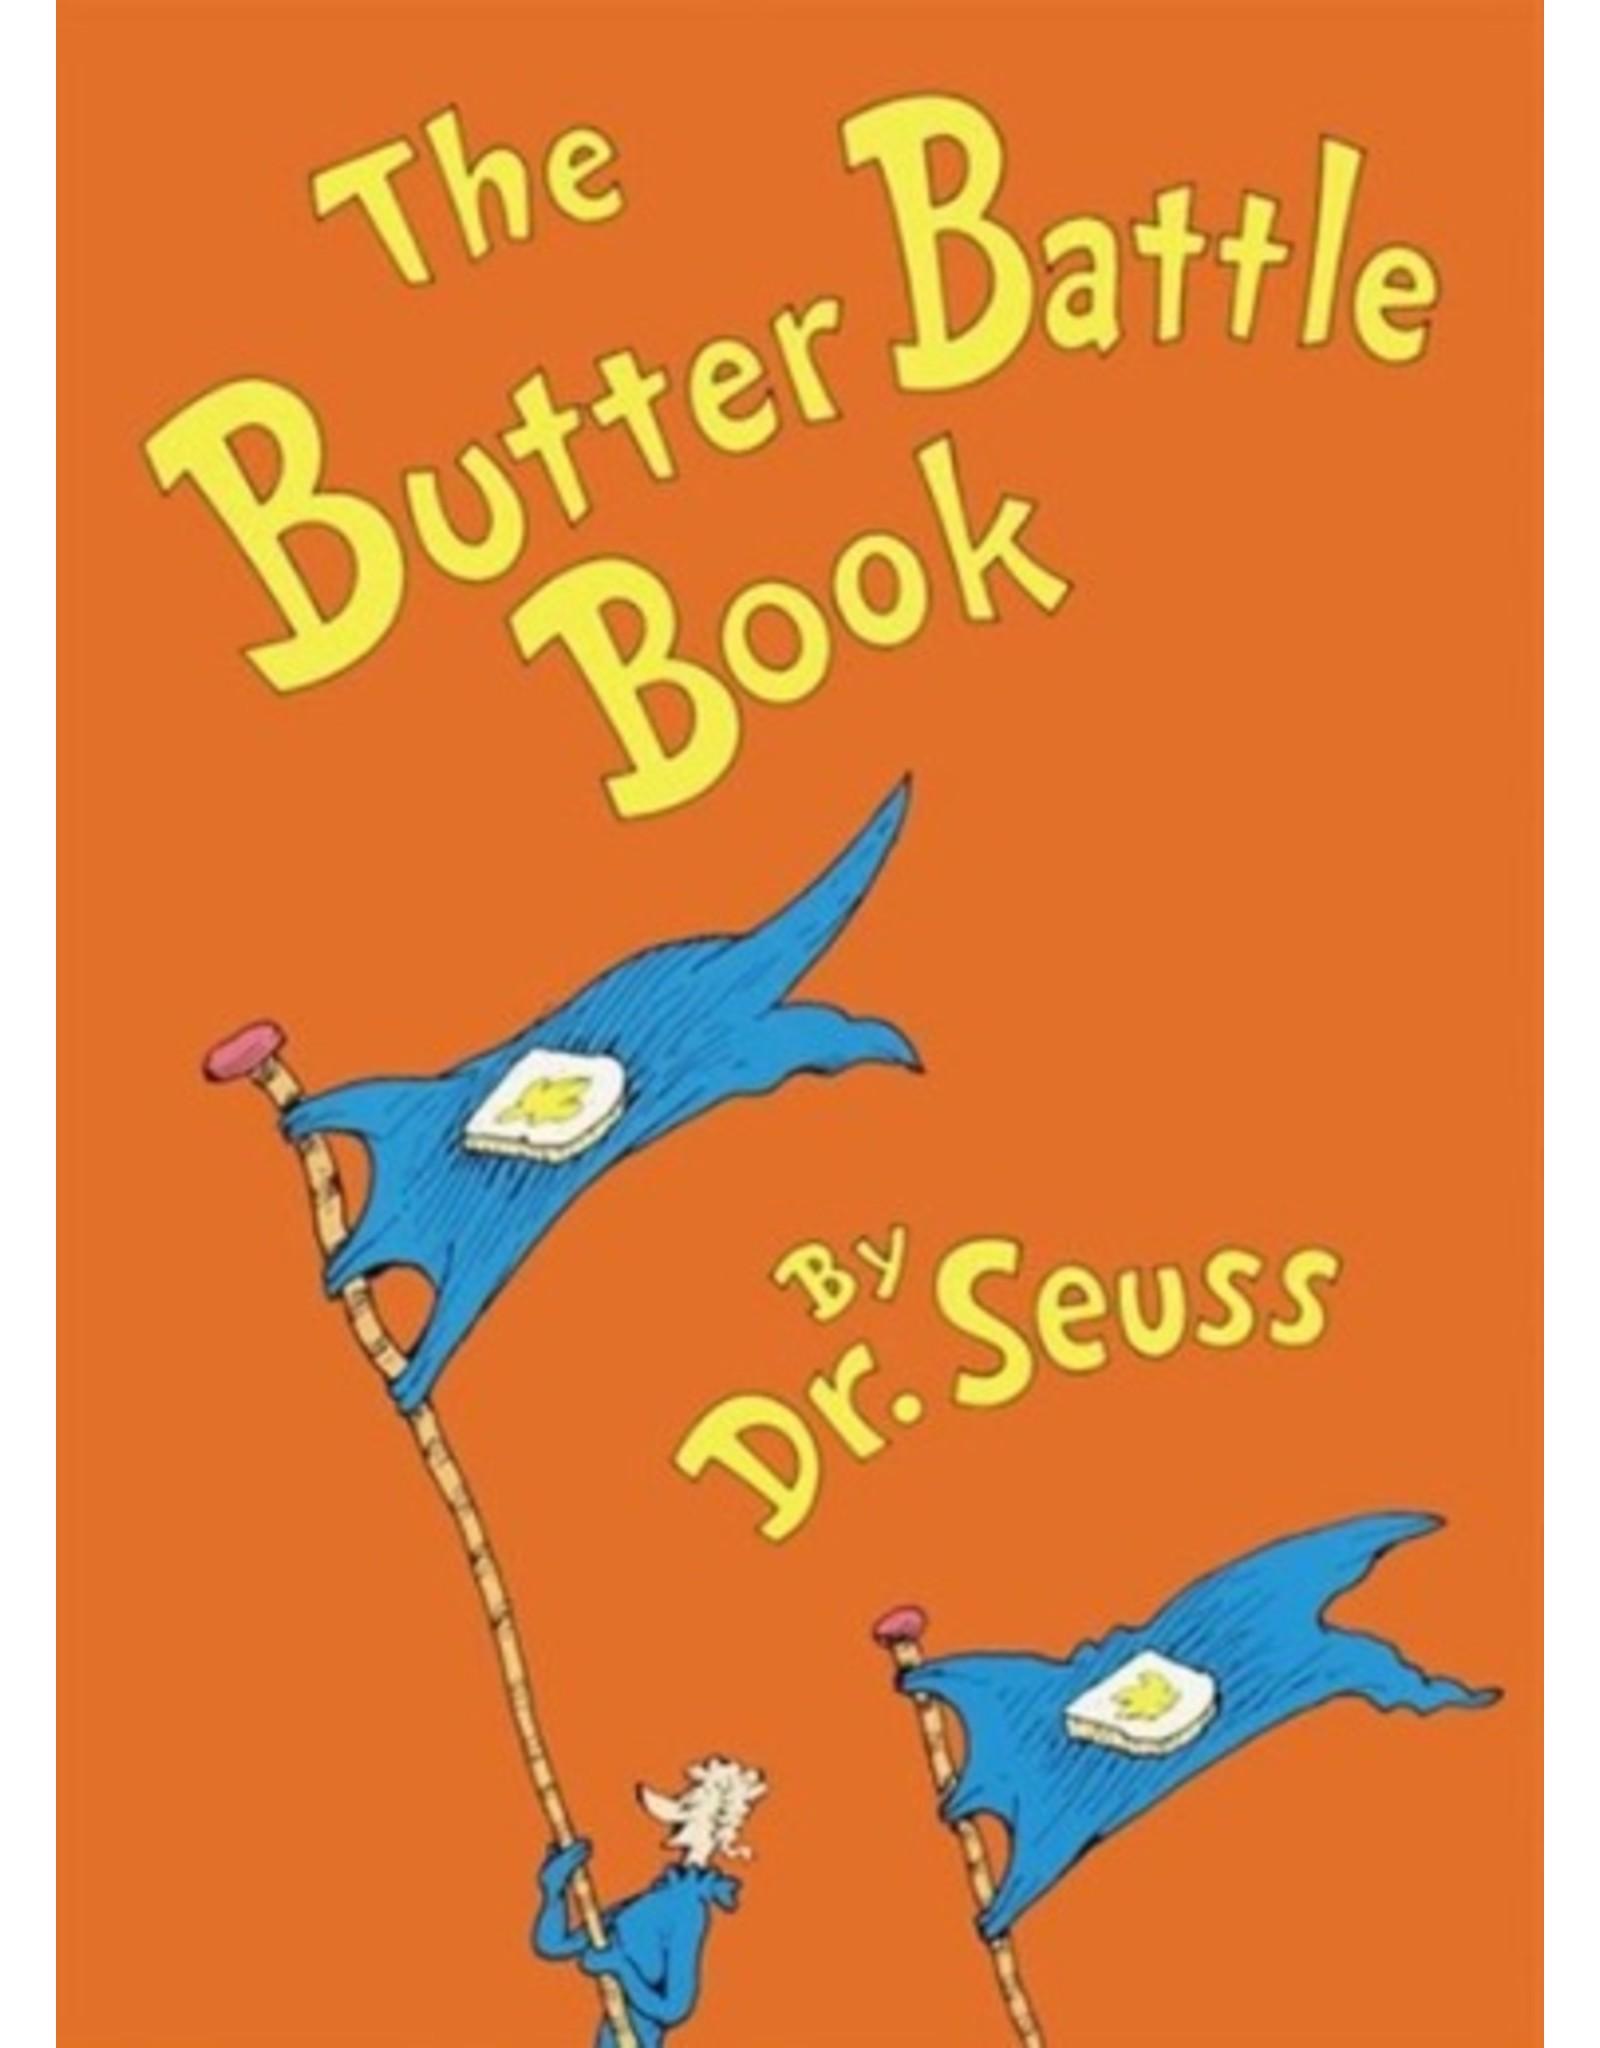 Dr. Seuss The Butter Battle Book by Dr. Seuss - large